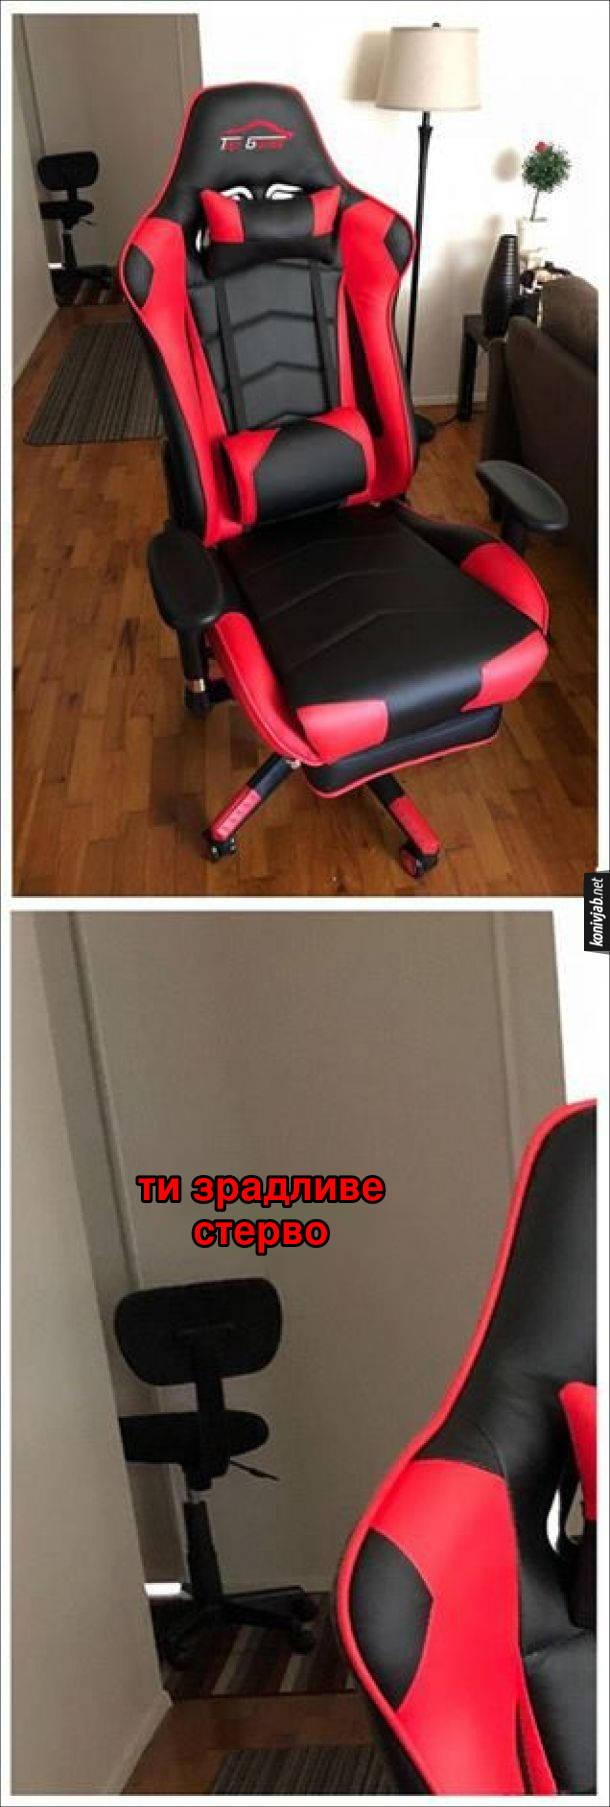 Прикол. Коли купив нове крісло, старе крісло виглядає зза рогу і каже: - Ти зрадливе стерво